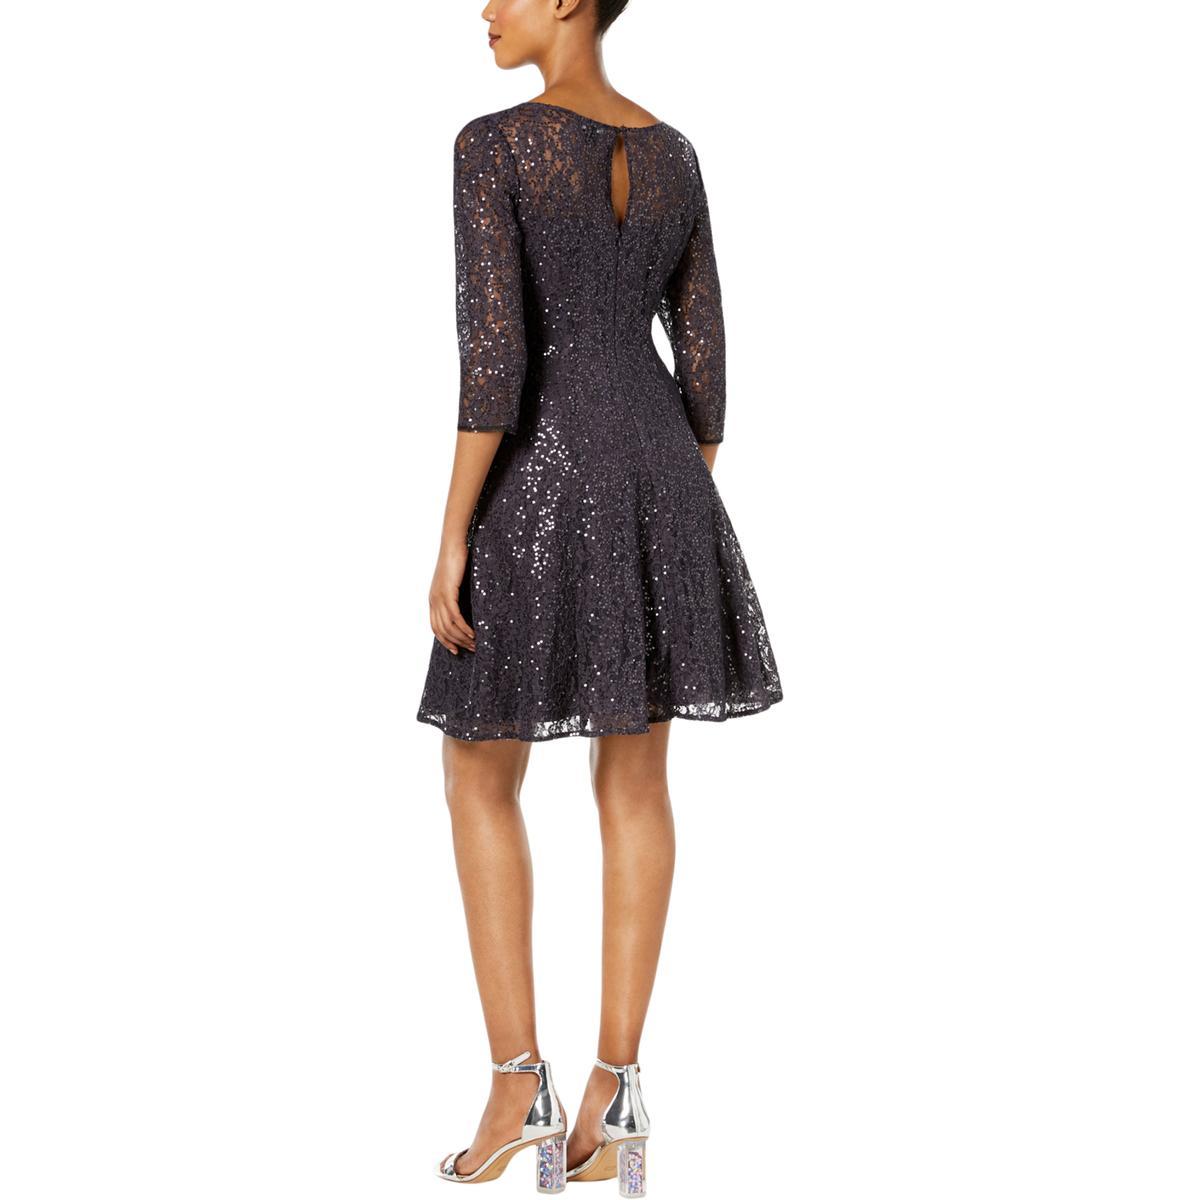 spéciale Womens Slny Bhfo Mini Lace Occasion robe de 0678 soirée x0wd17qwf